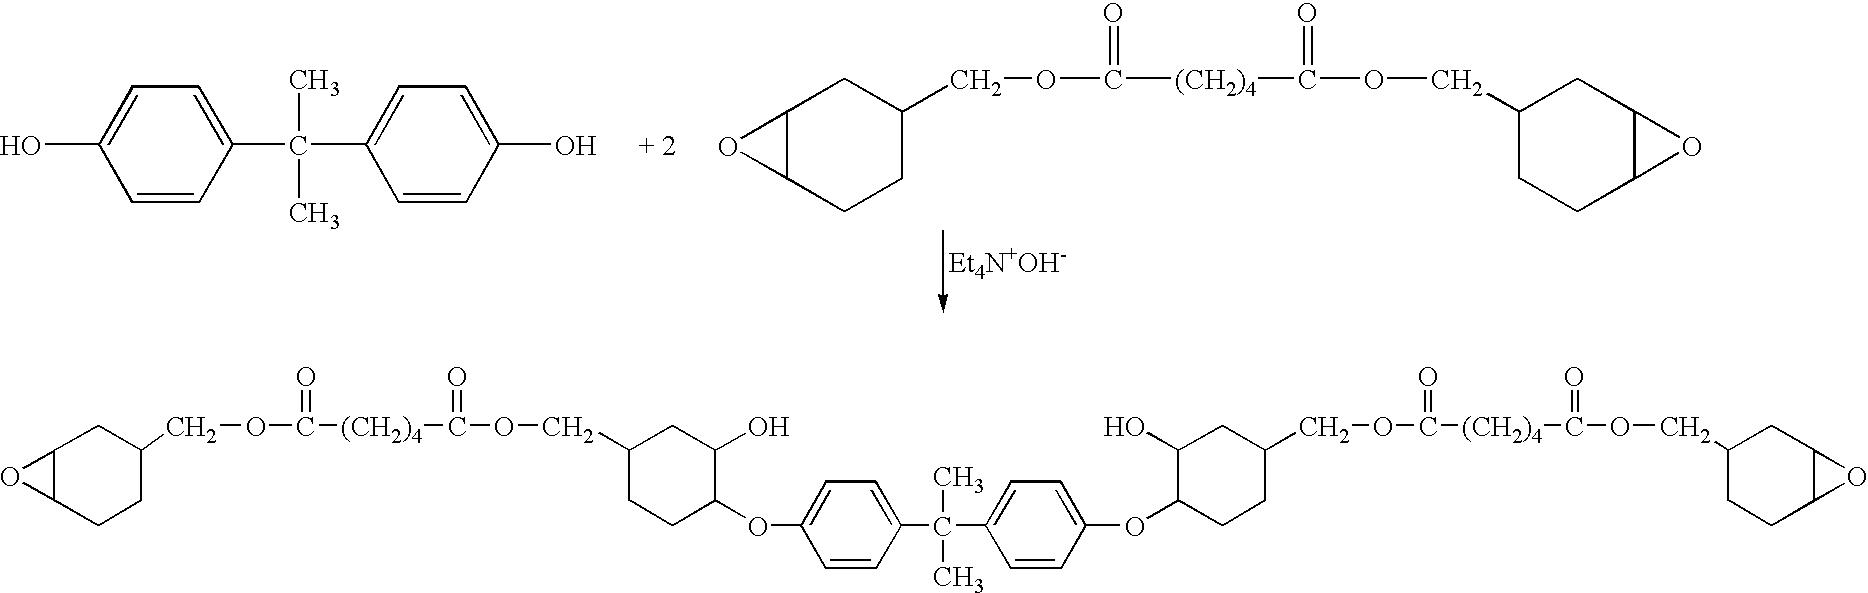 Figure US06692986-20040217-C00002